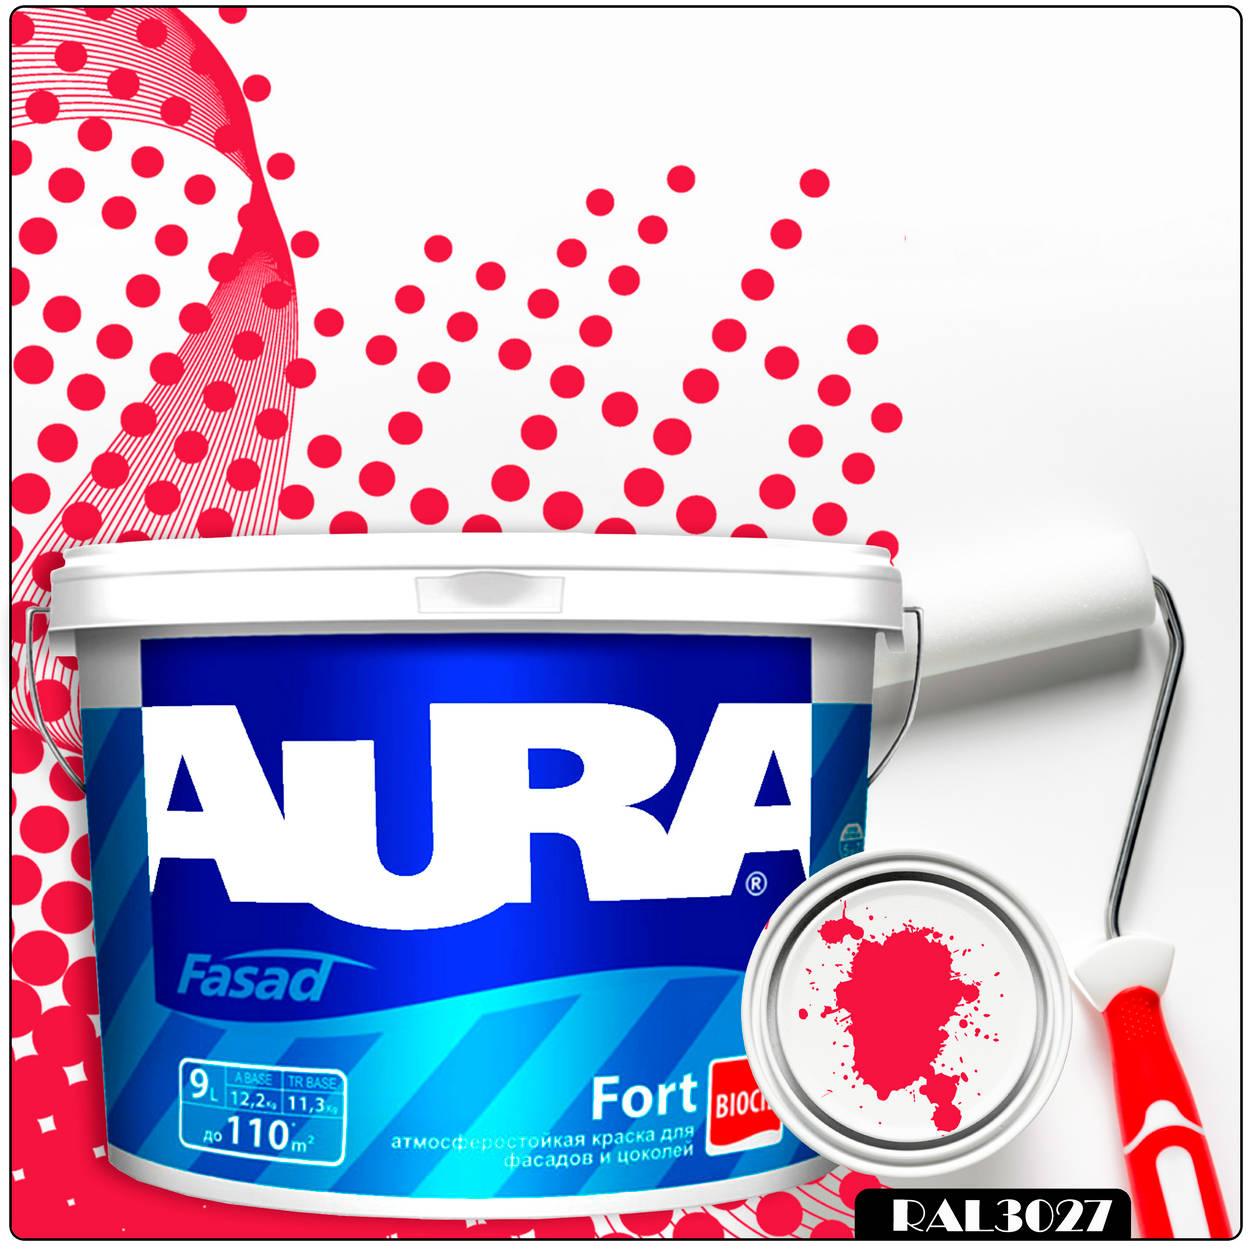 Фото 19 - Краска Aura Fasad Fort, RAL 3027 Малиново-красный, латексная, матовая, для фасада и цоколей, 9л, Аура.